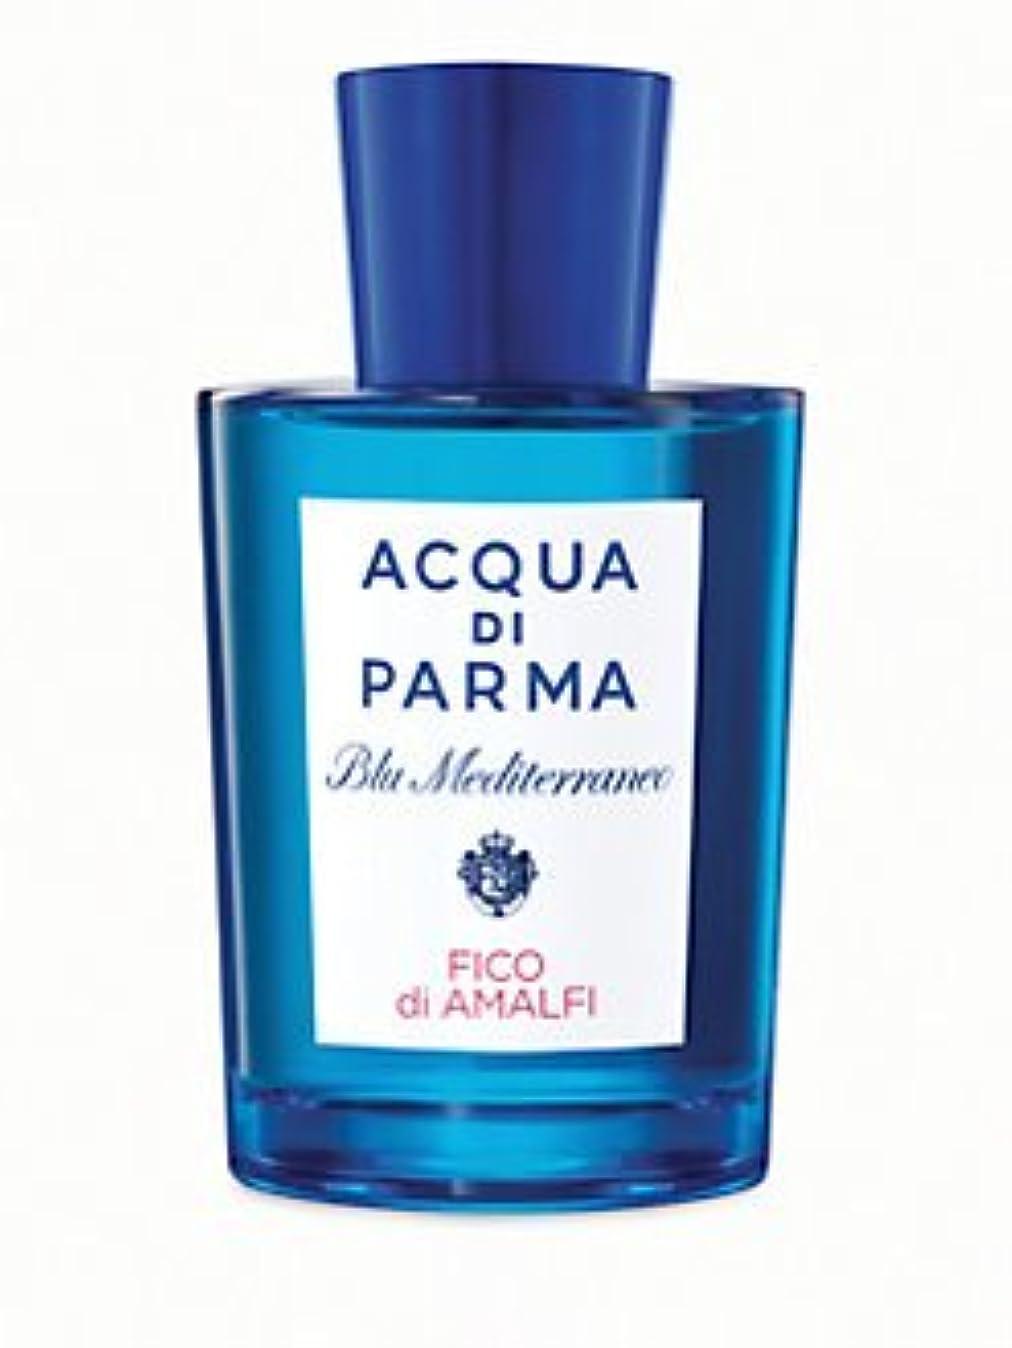 セミナー市区町村一緒にBlu Mediterraneo Fico di Amalfi (ブルー メディタレーネオ フィコ ディ アマルフィ) 6.9 oz (200ml) Vitalizing Body Cream by Acqua di Parma